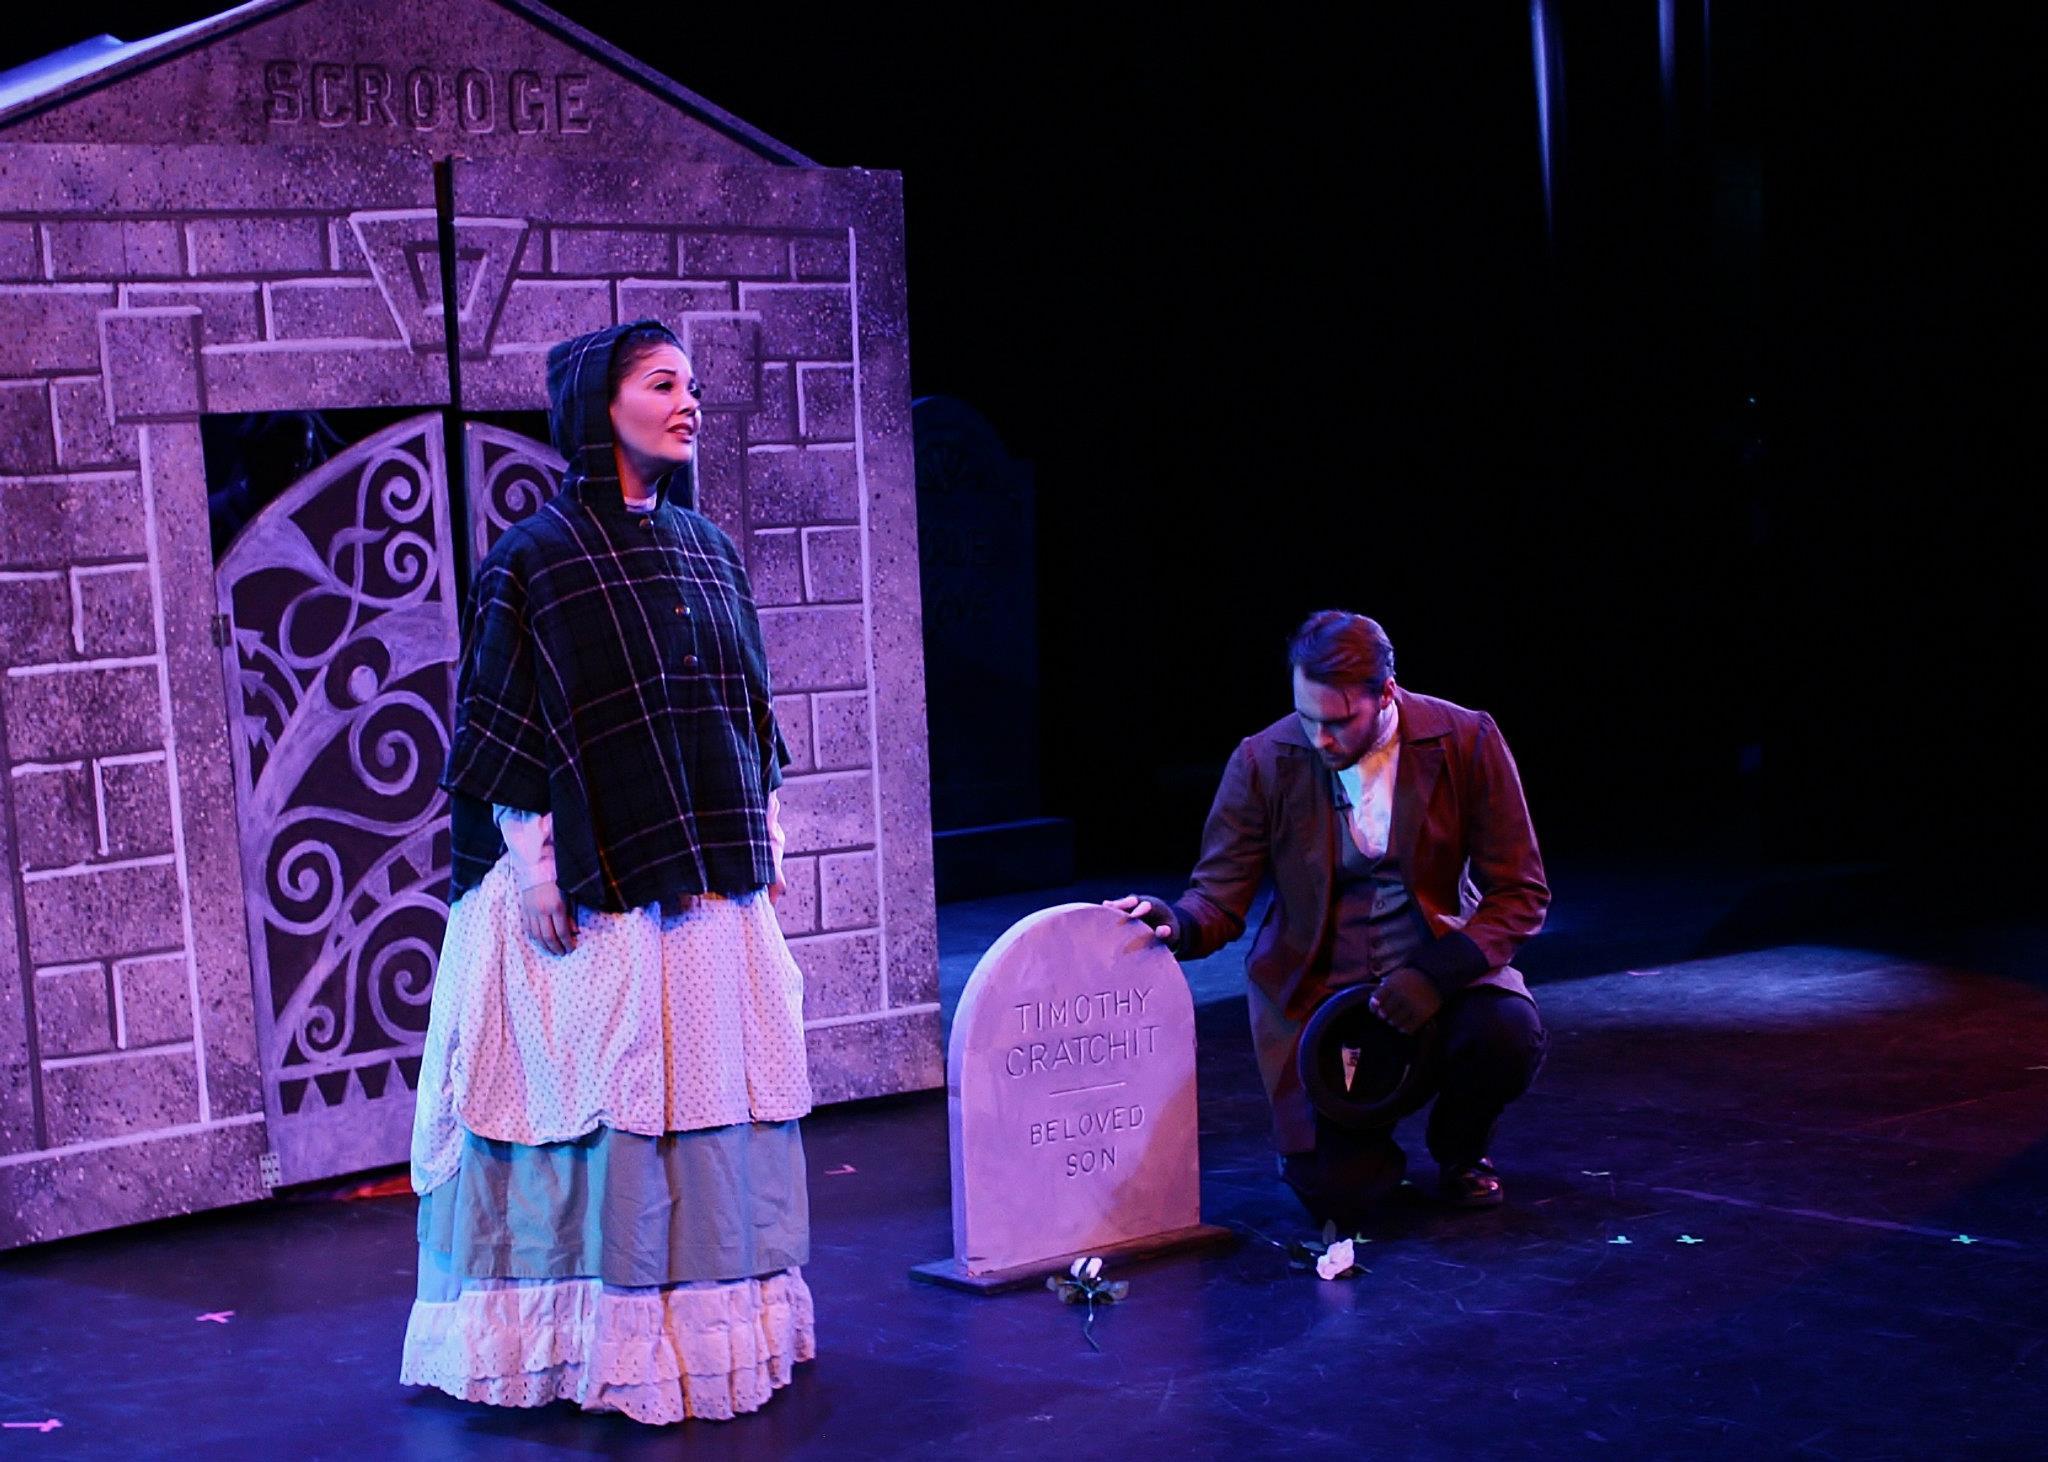 Scrooge & Gilbert & Sullivan, 2011